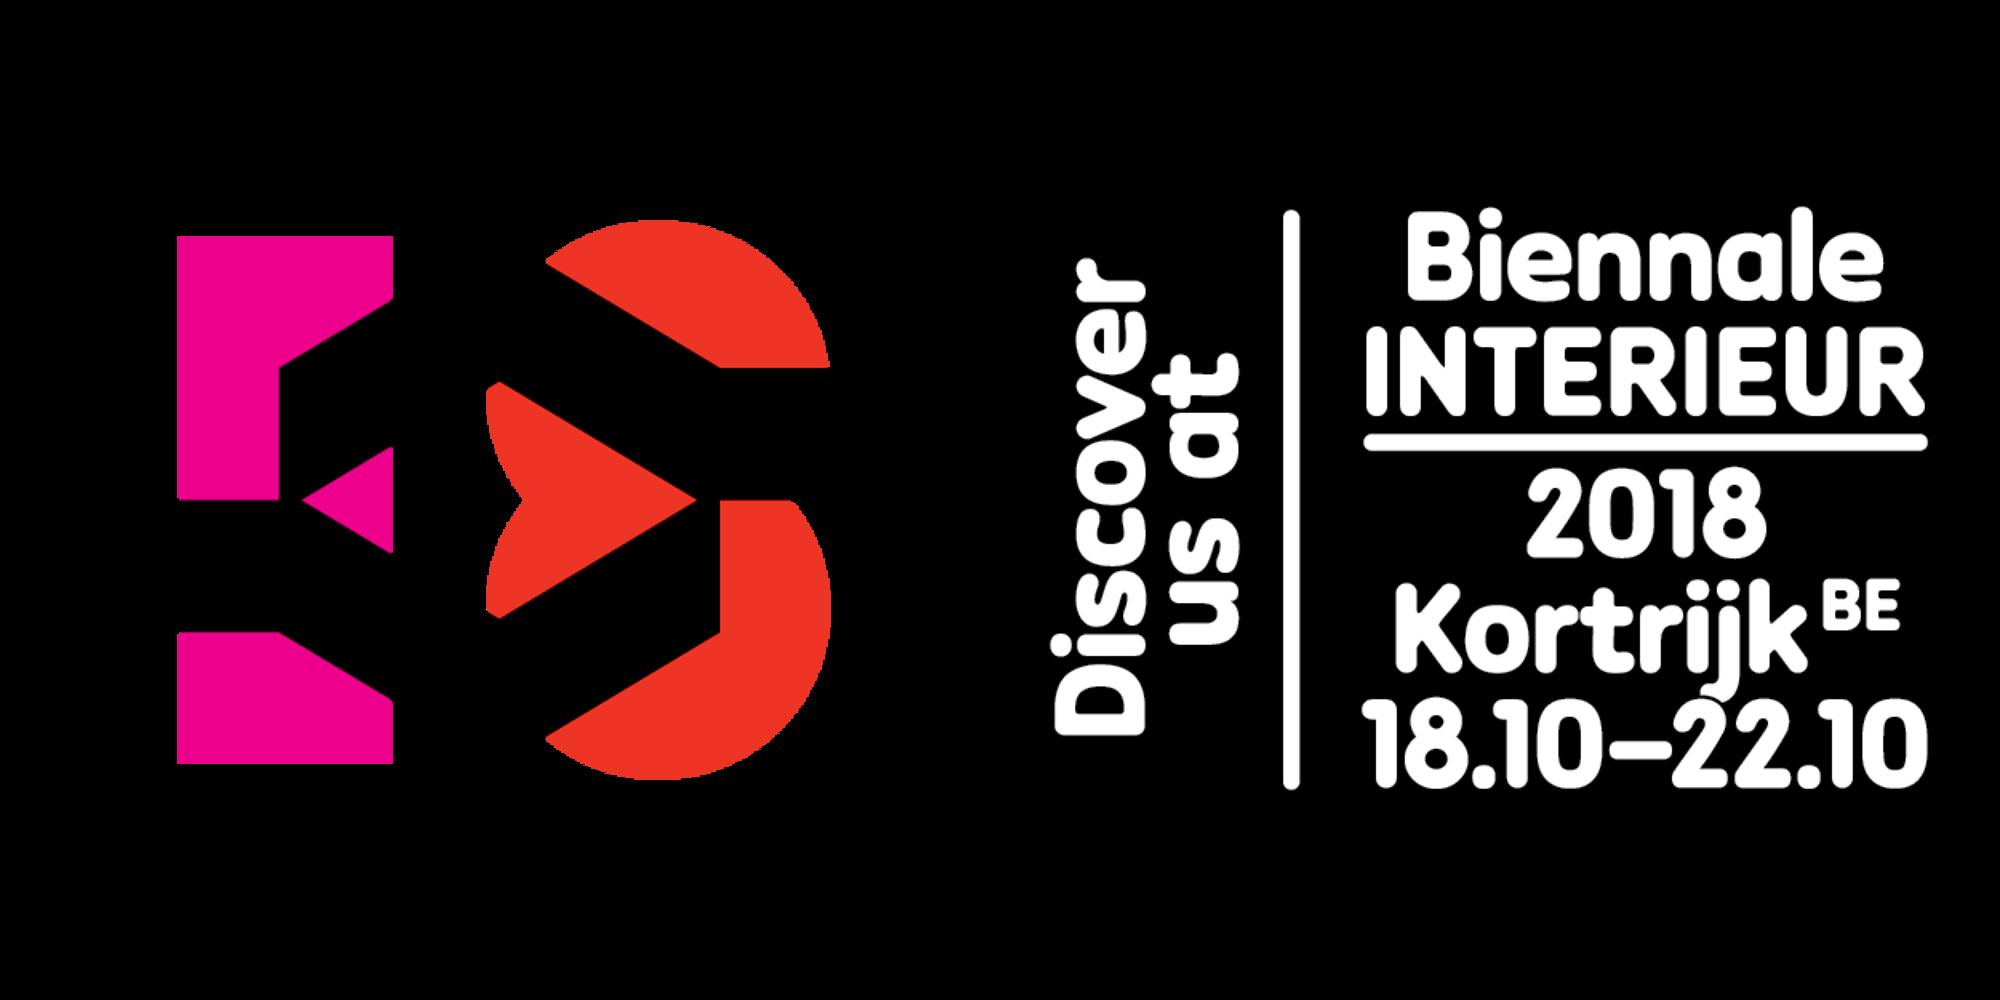 Interieur Kortrijk 2018